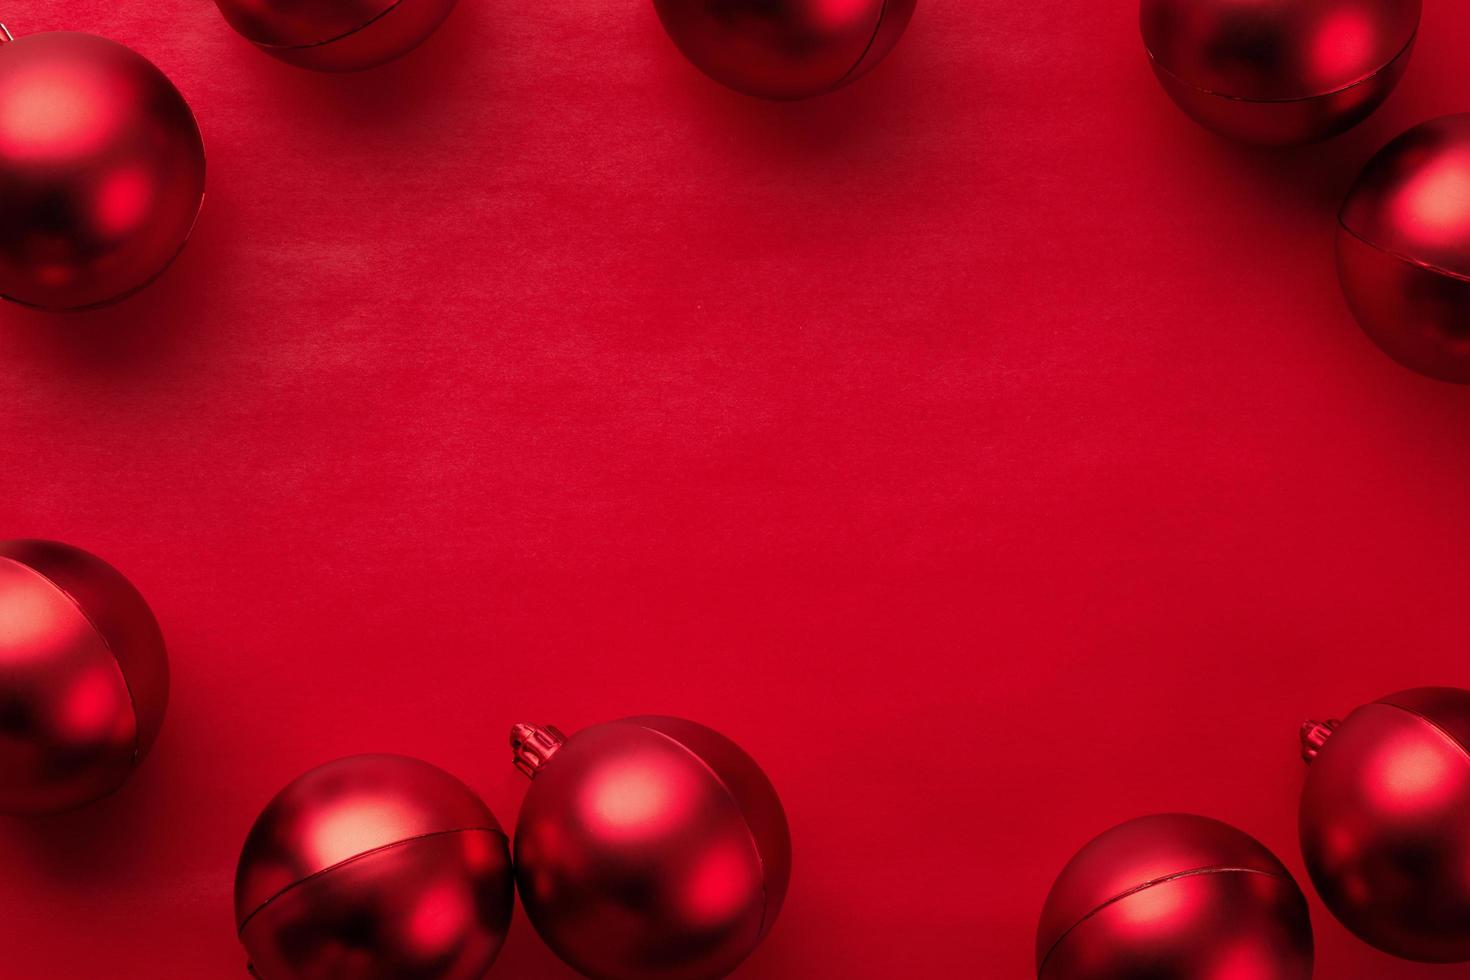 moldura de bugiganga vermelha em fundo vermelho foto